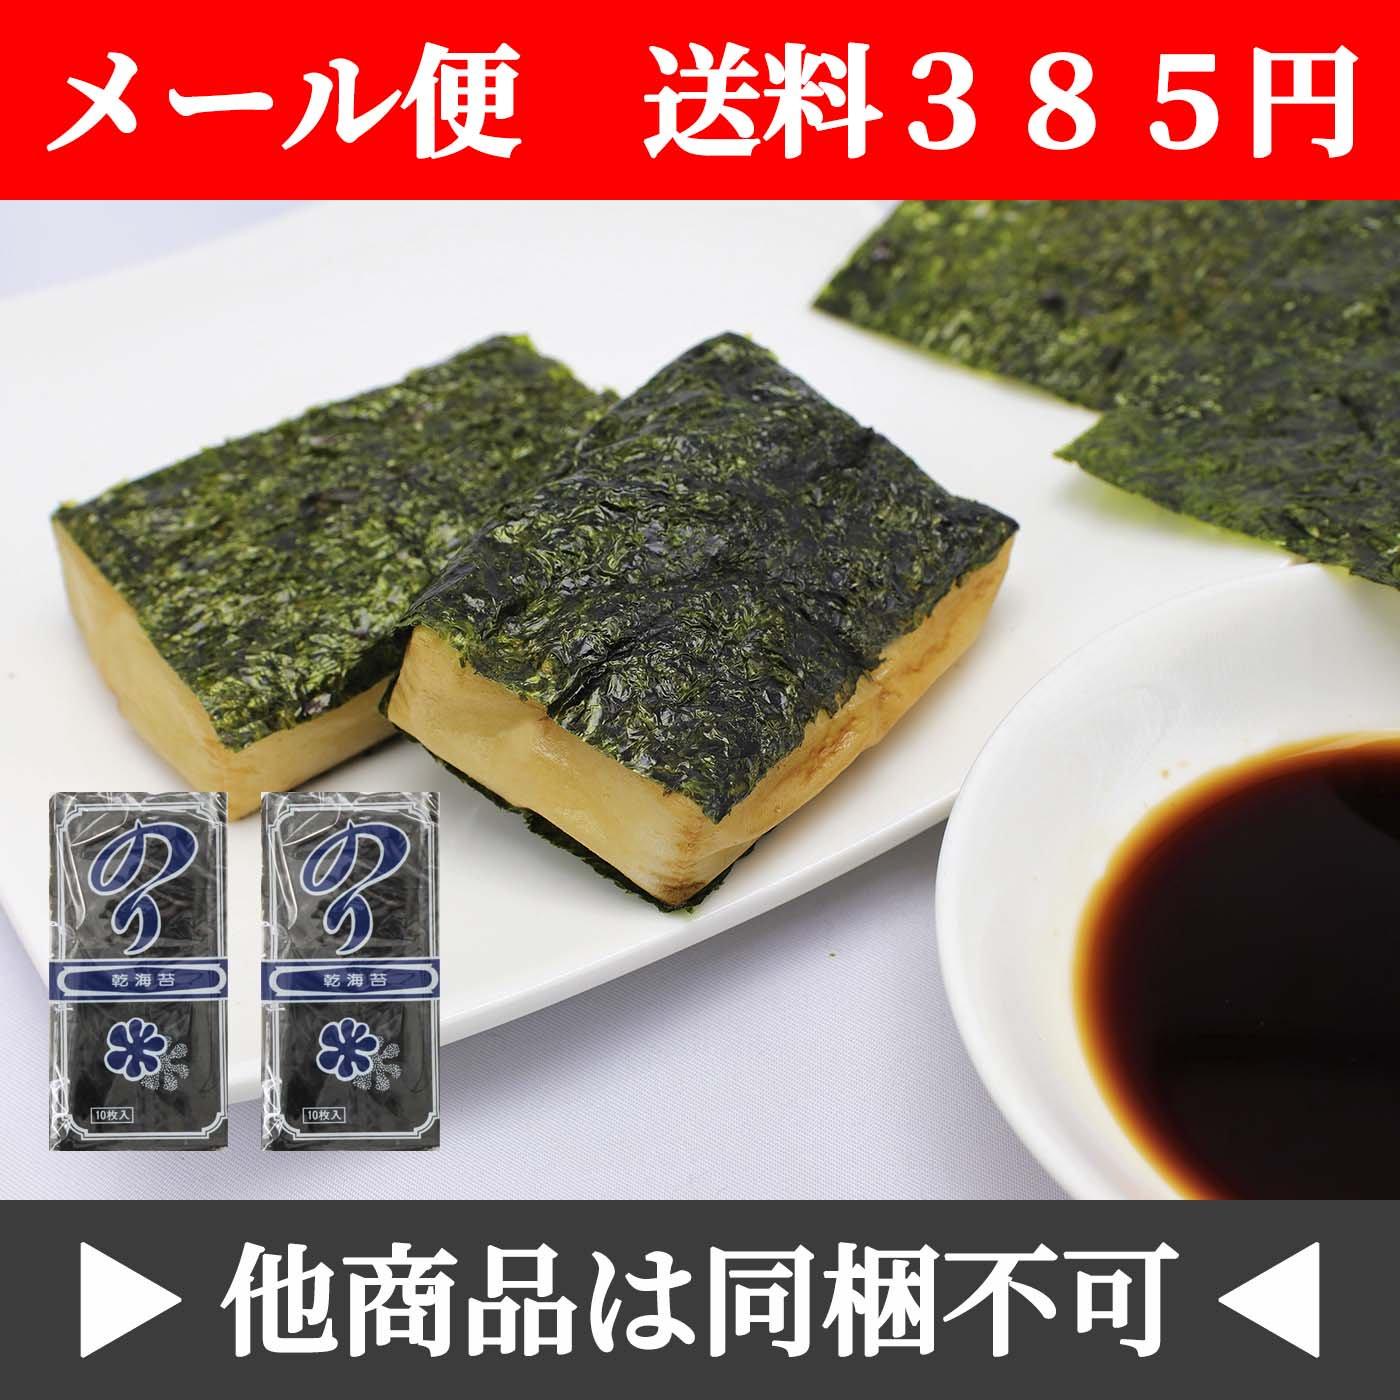 【メール便】乾海苔 2帖セット